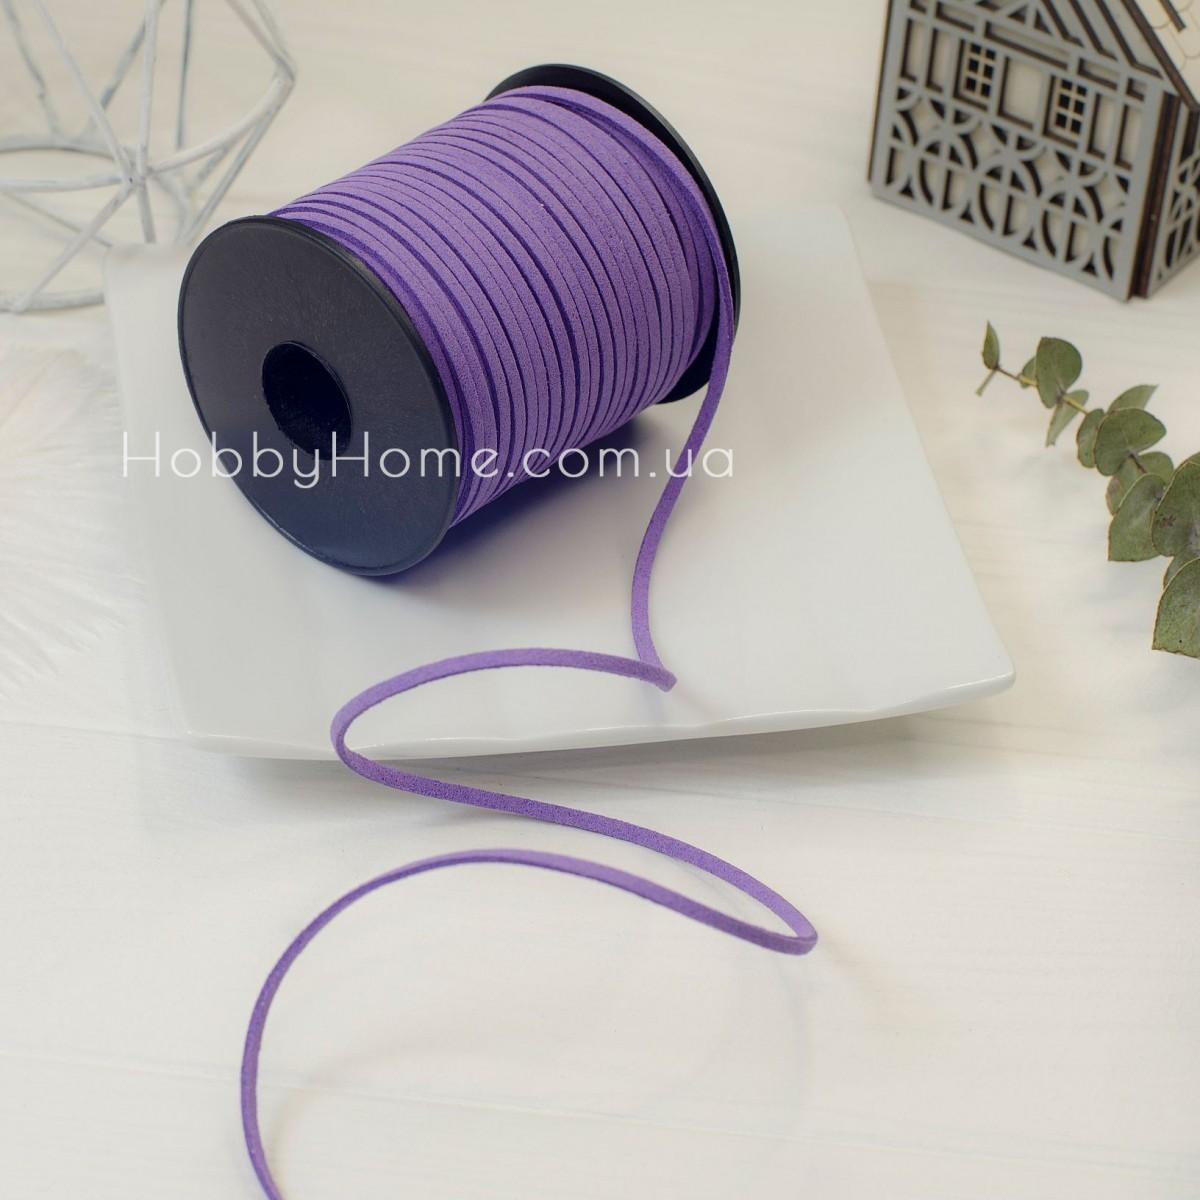 Шнур замшевий 3мм фіолетовий